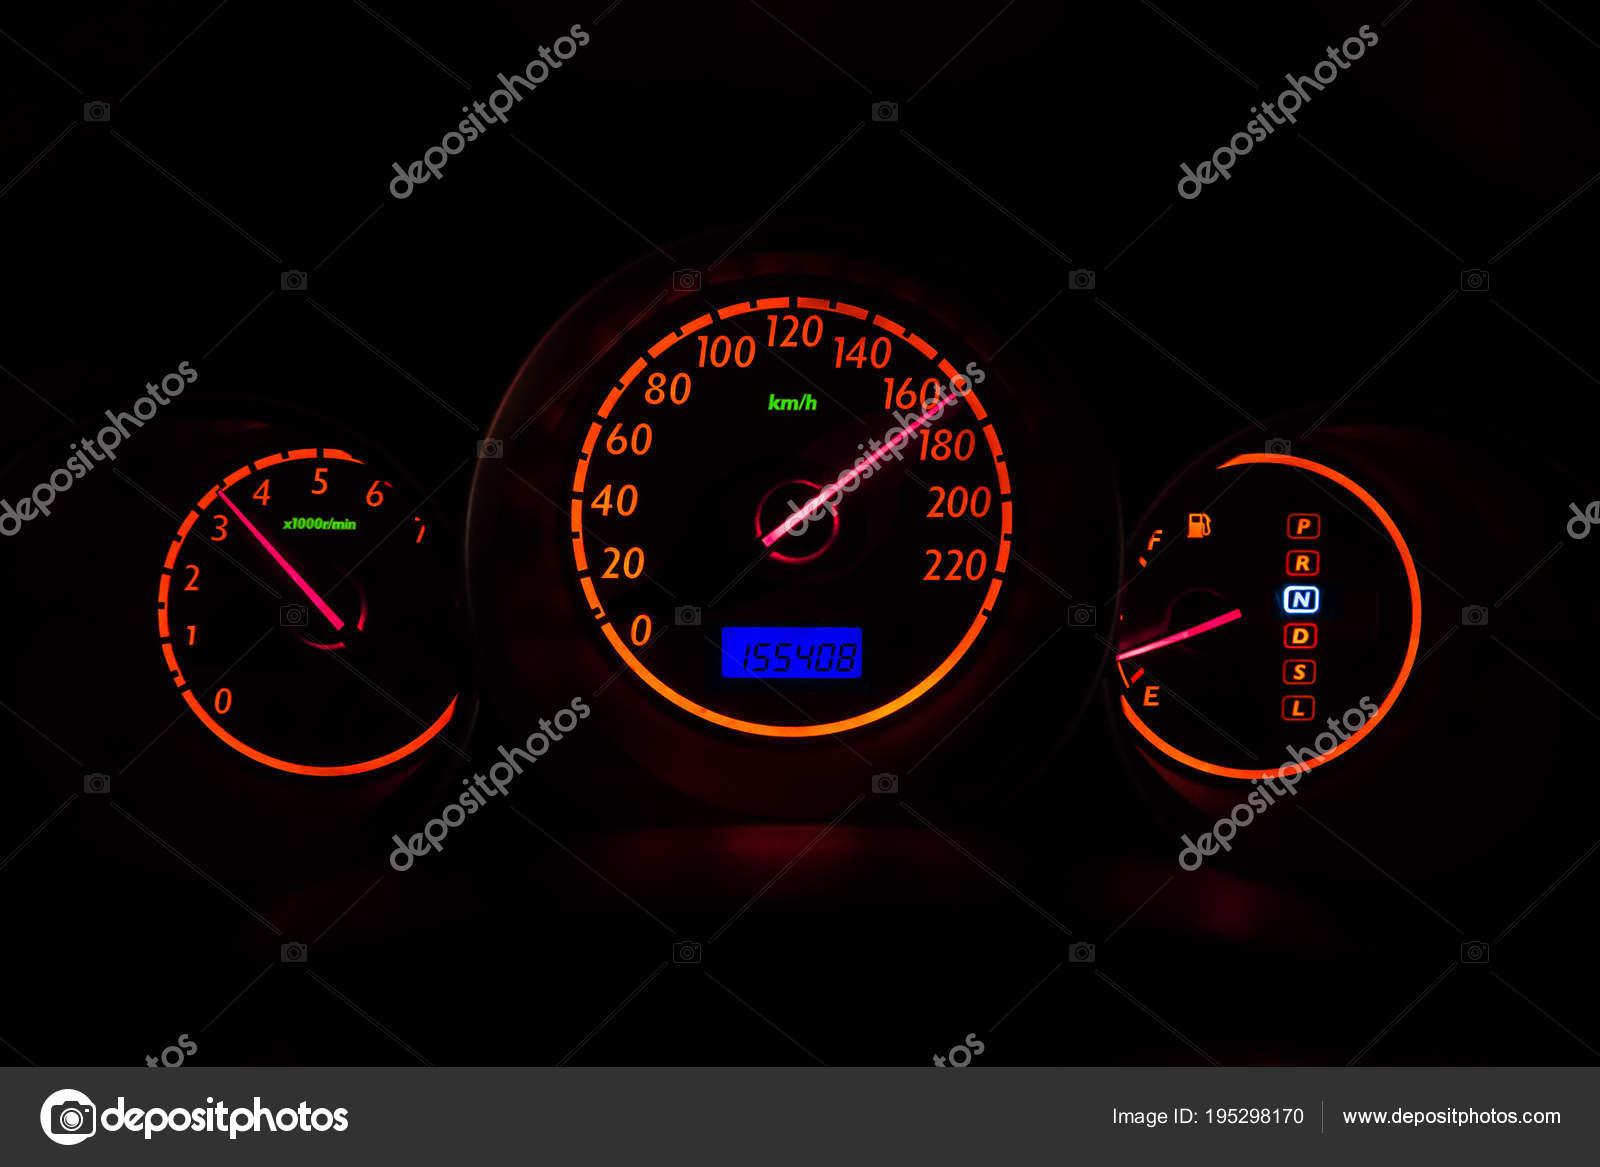 Samochodowy Miernik Wysokiej Prędkości Jazdy Noc Wizja